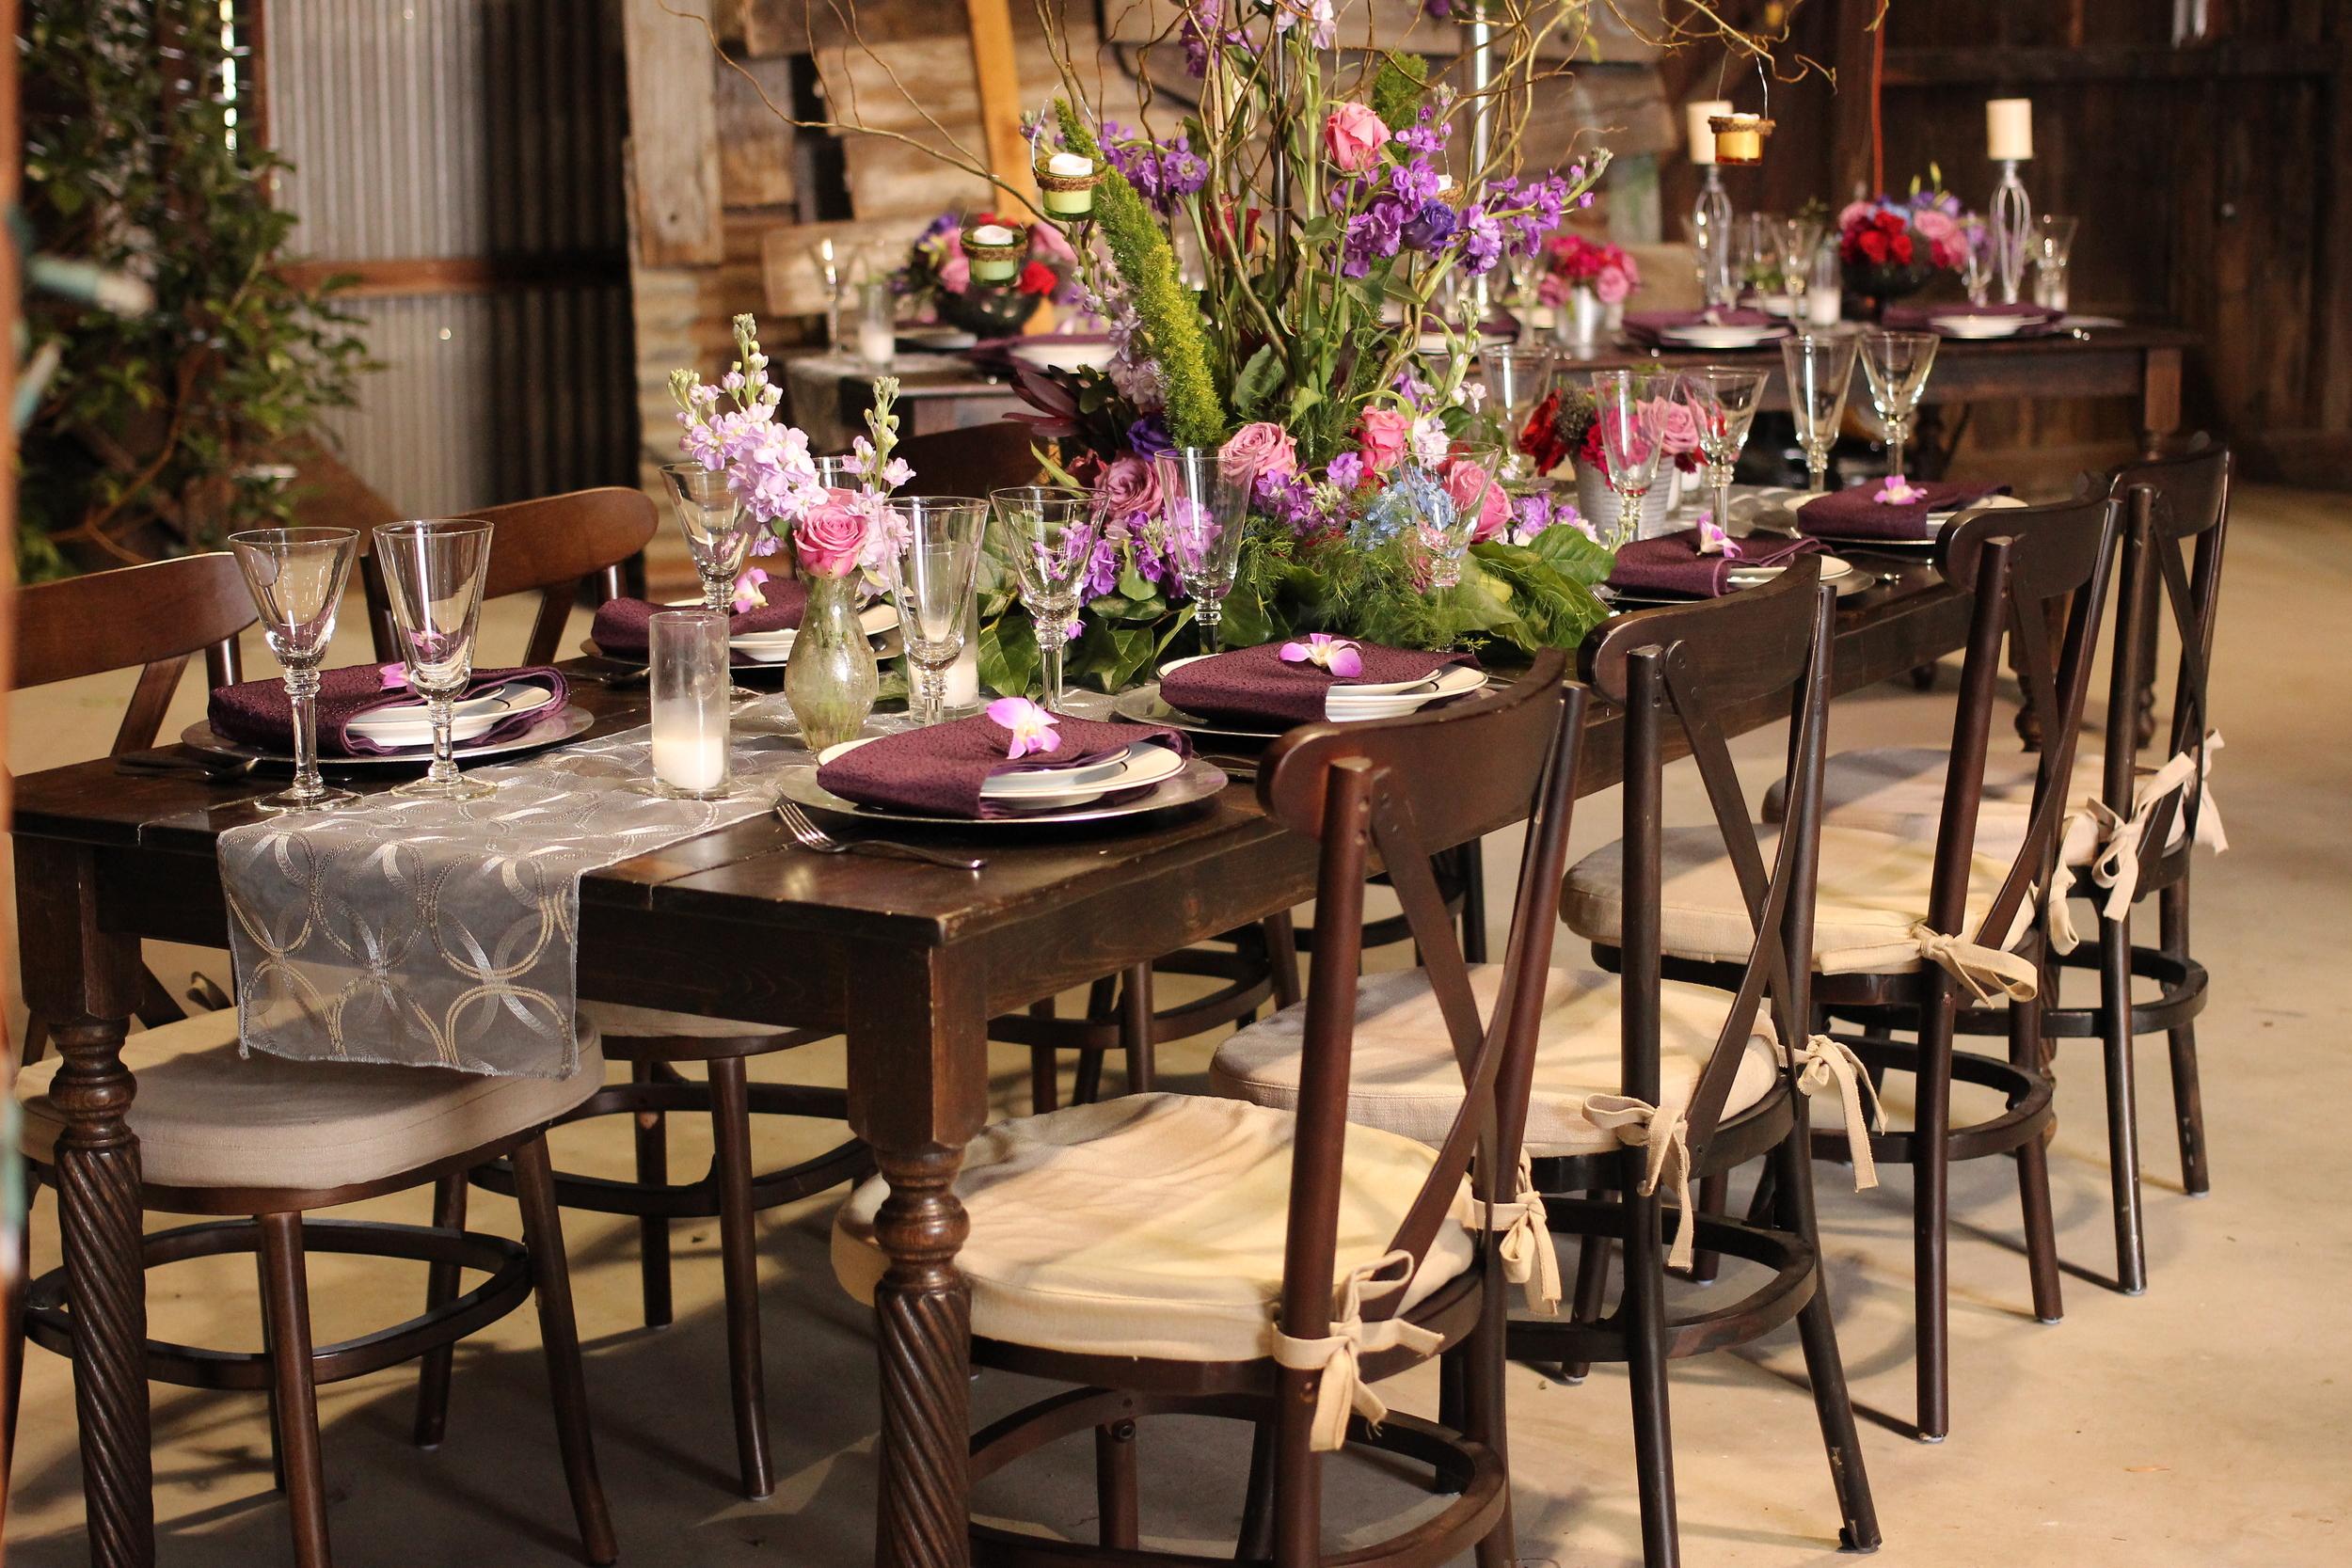 Rustic Vintage Barn Wedding Farm Table Rentals